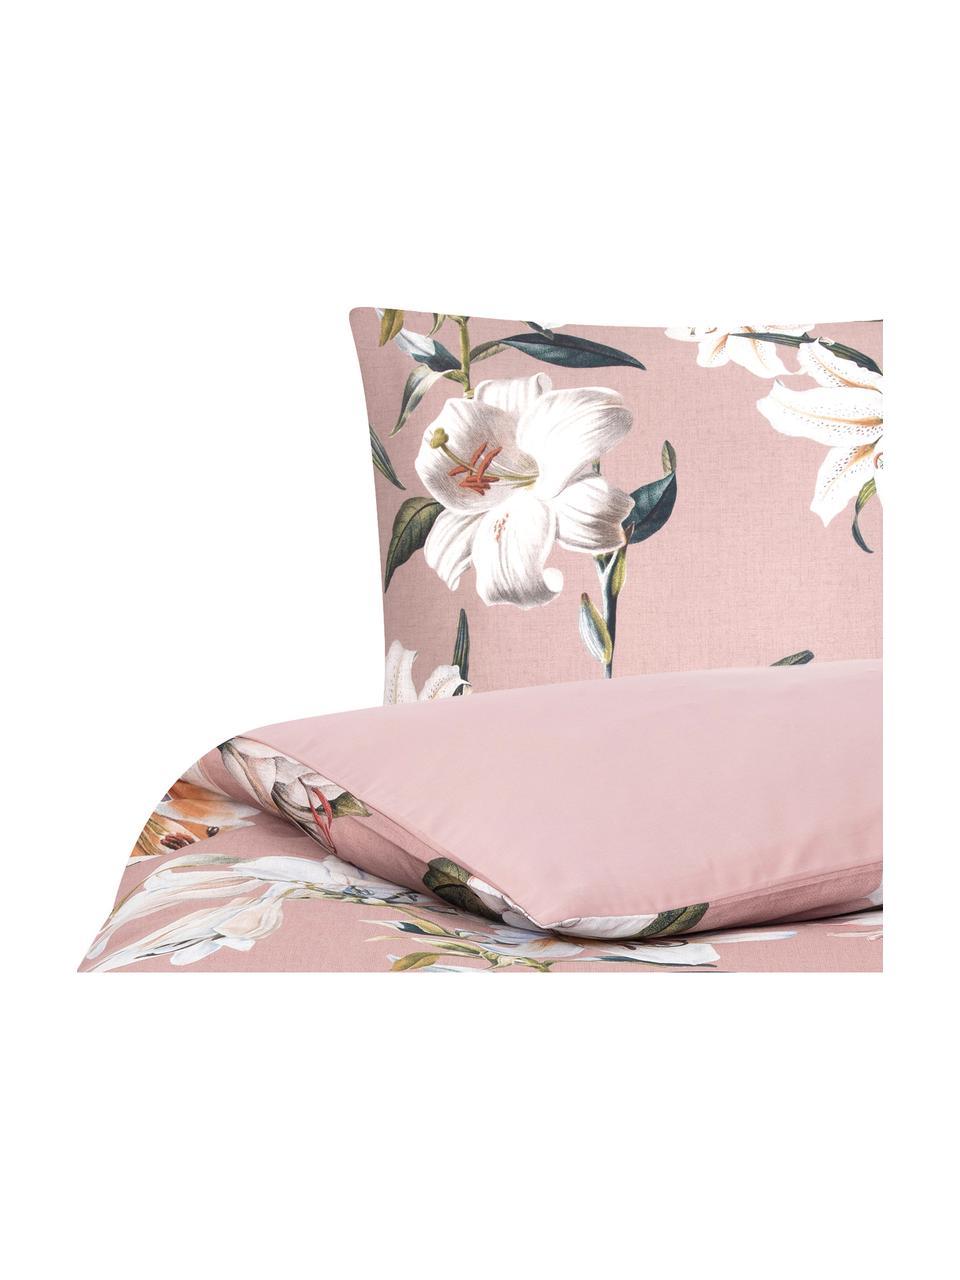 Pościel z satyny bawełnianej Flori, Przód: brudny różowy, kremowobiały Tył: brudny różowy, 240 x 220 cm + 2 poduszki 80 x 80 cm